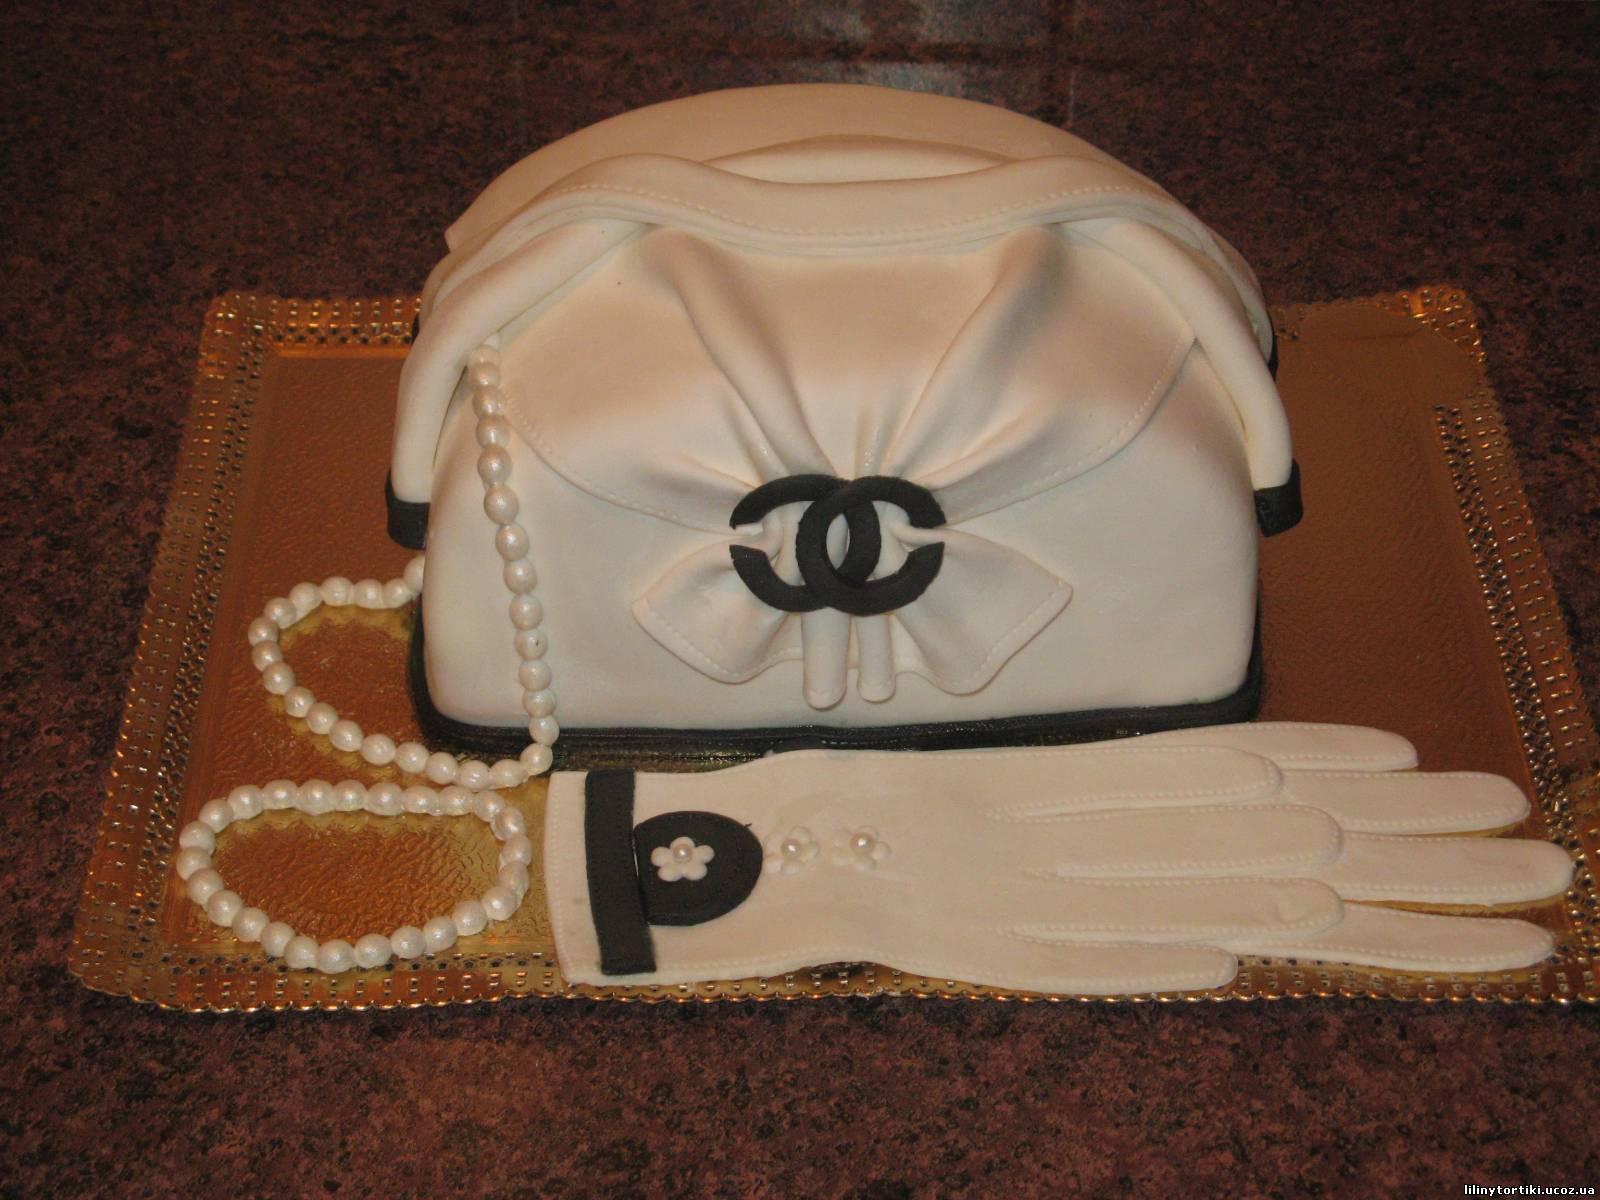 МК тортирование или как подготовить торт к обтяжке мастикой. свадьба своими руками отчеты невест.